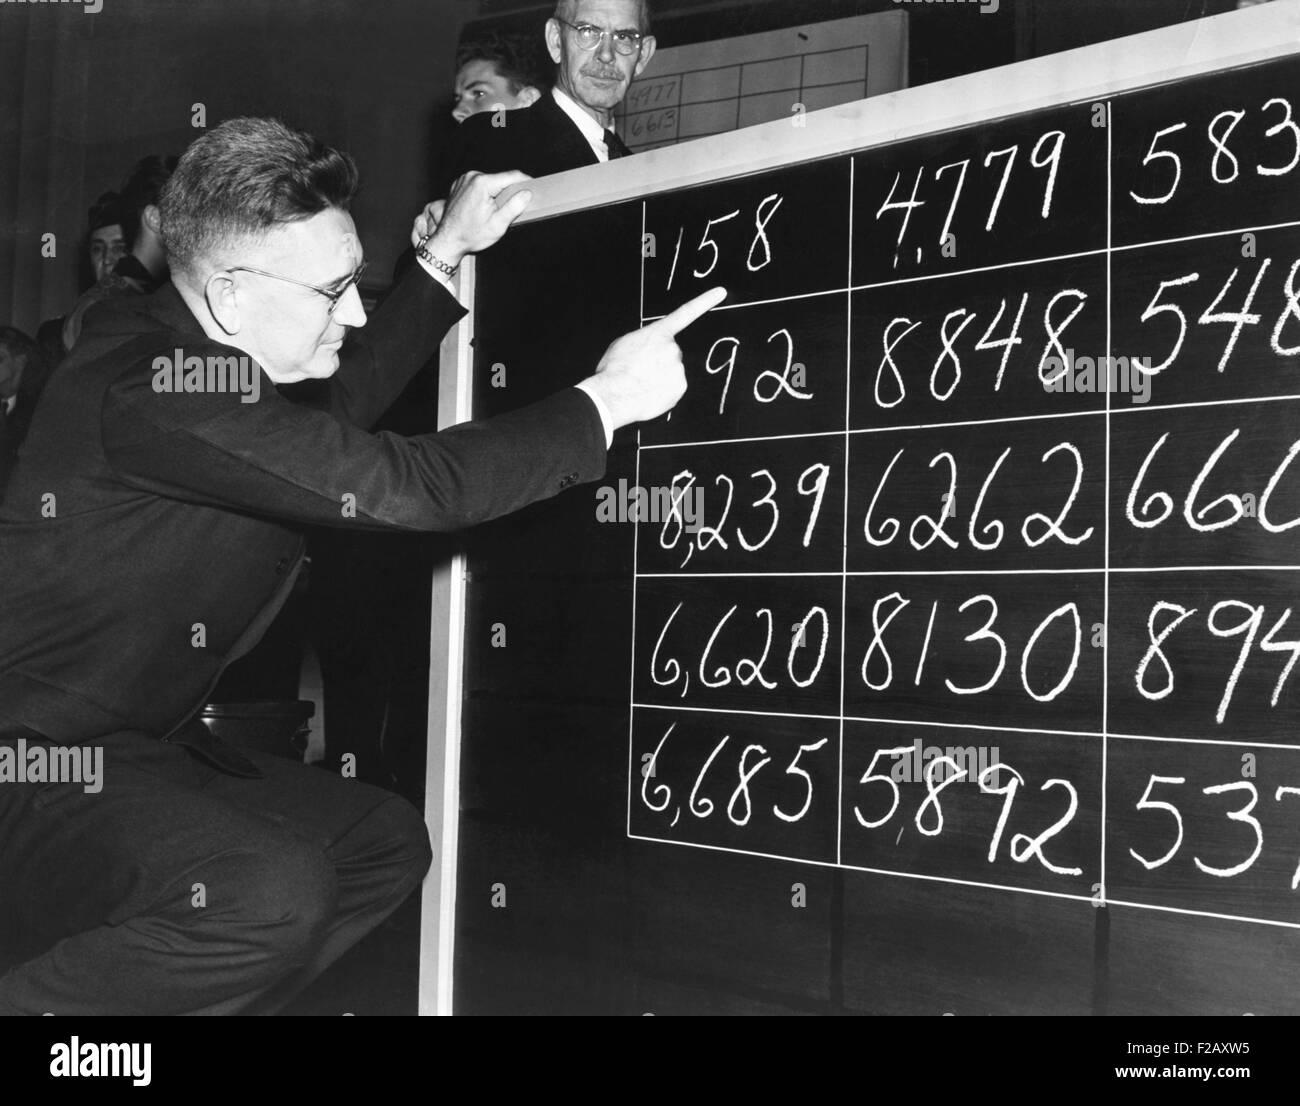 Brig. Gen. Lewis B. Hershey llamar a los 15 primeros números cantados en el proyecto de lotería. La II Imagen De Stock